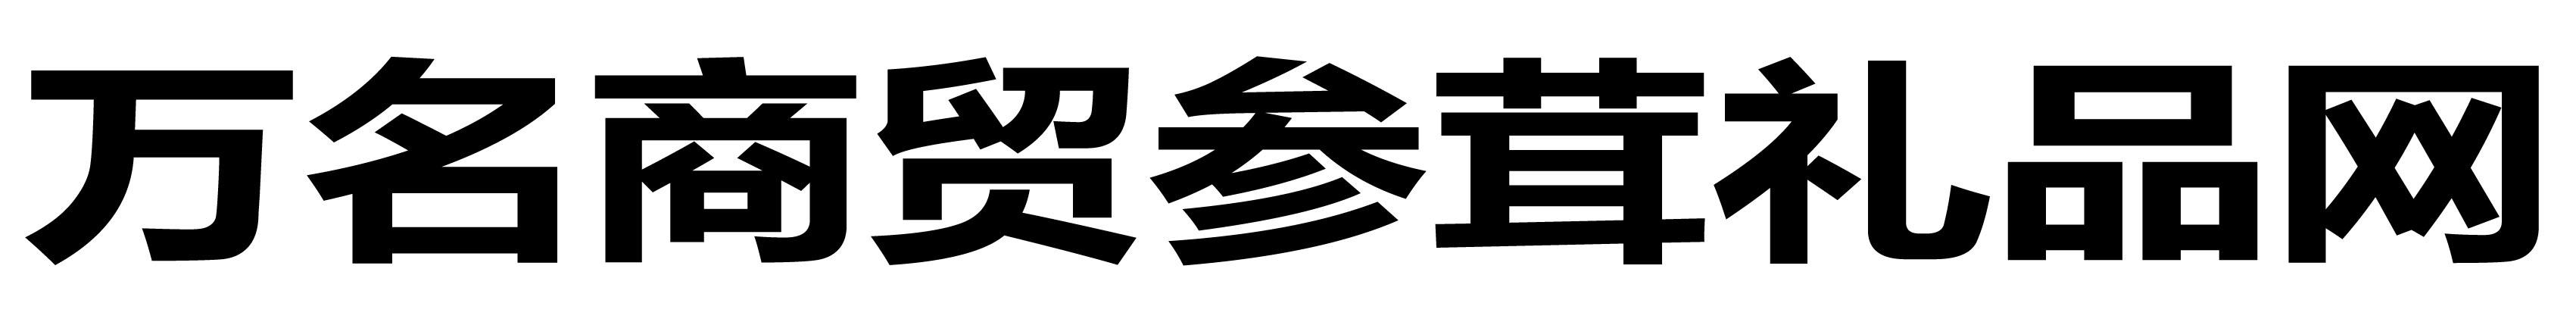 济宁市万名商贸有限公司